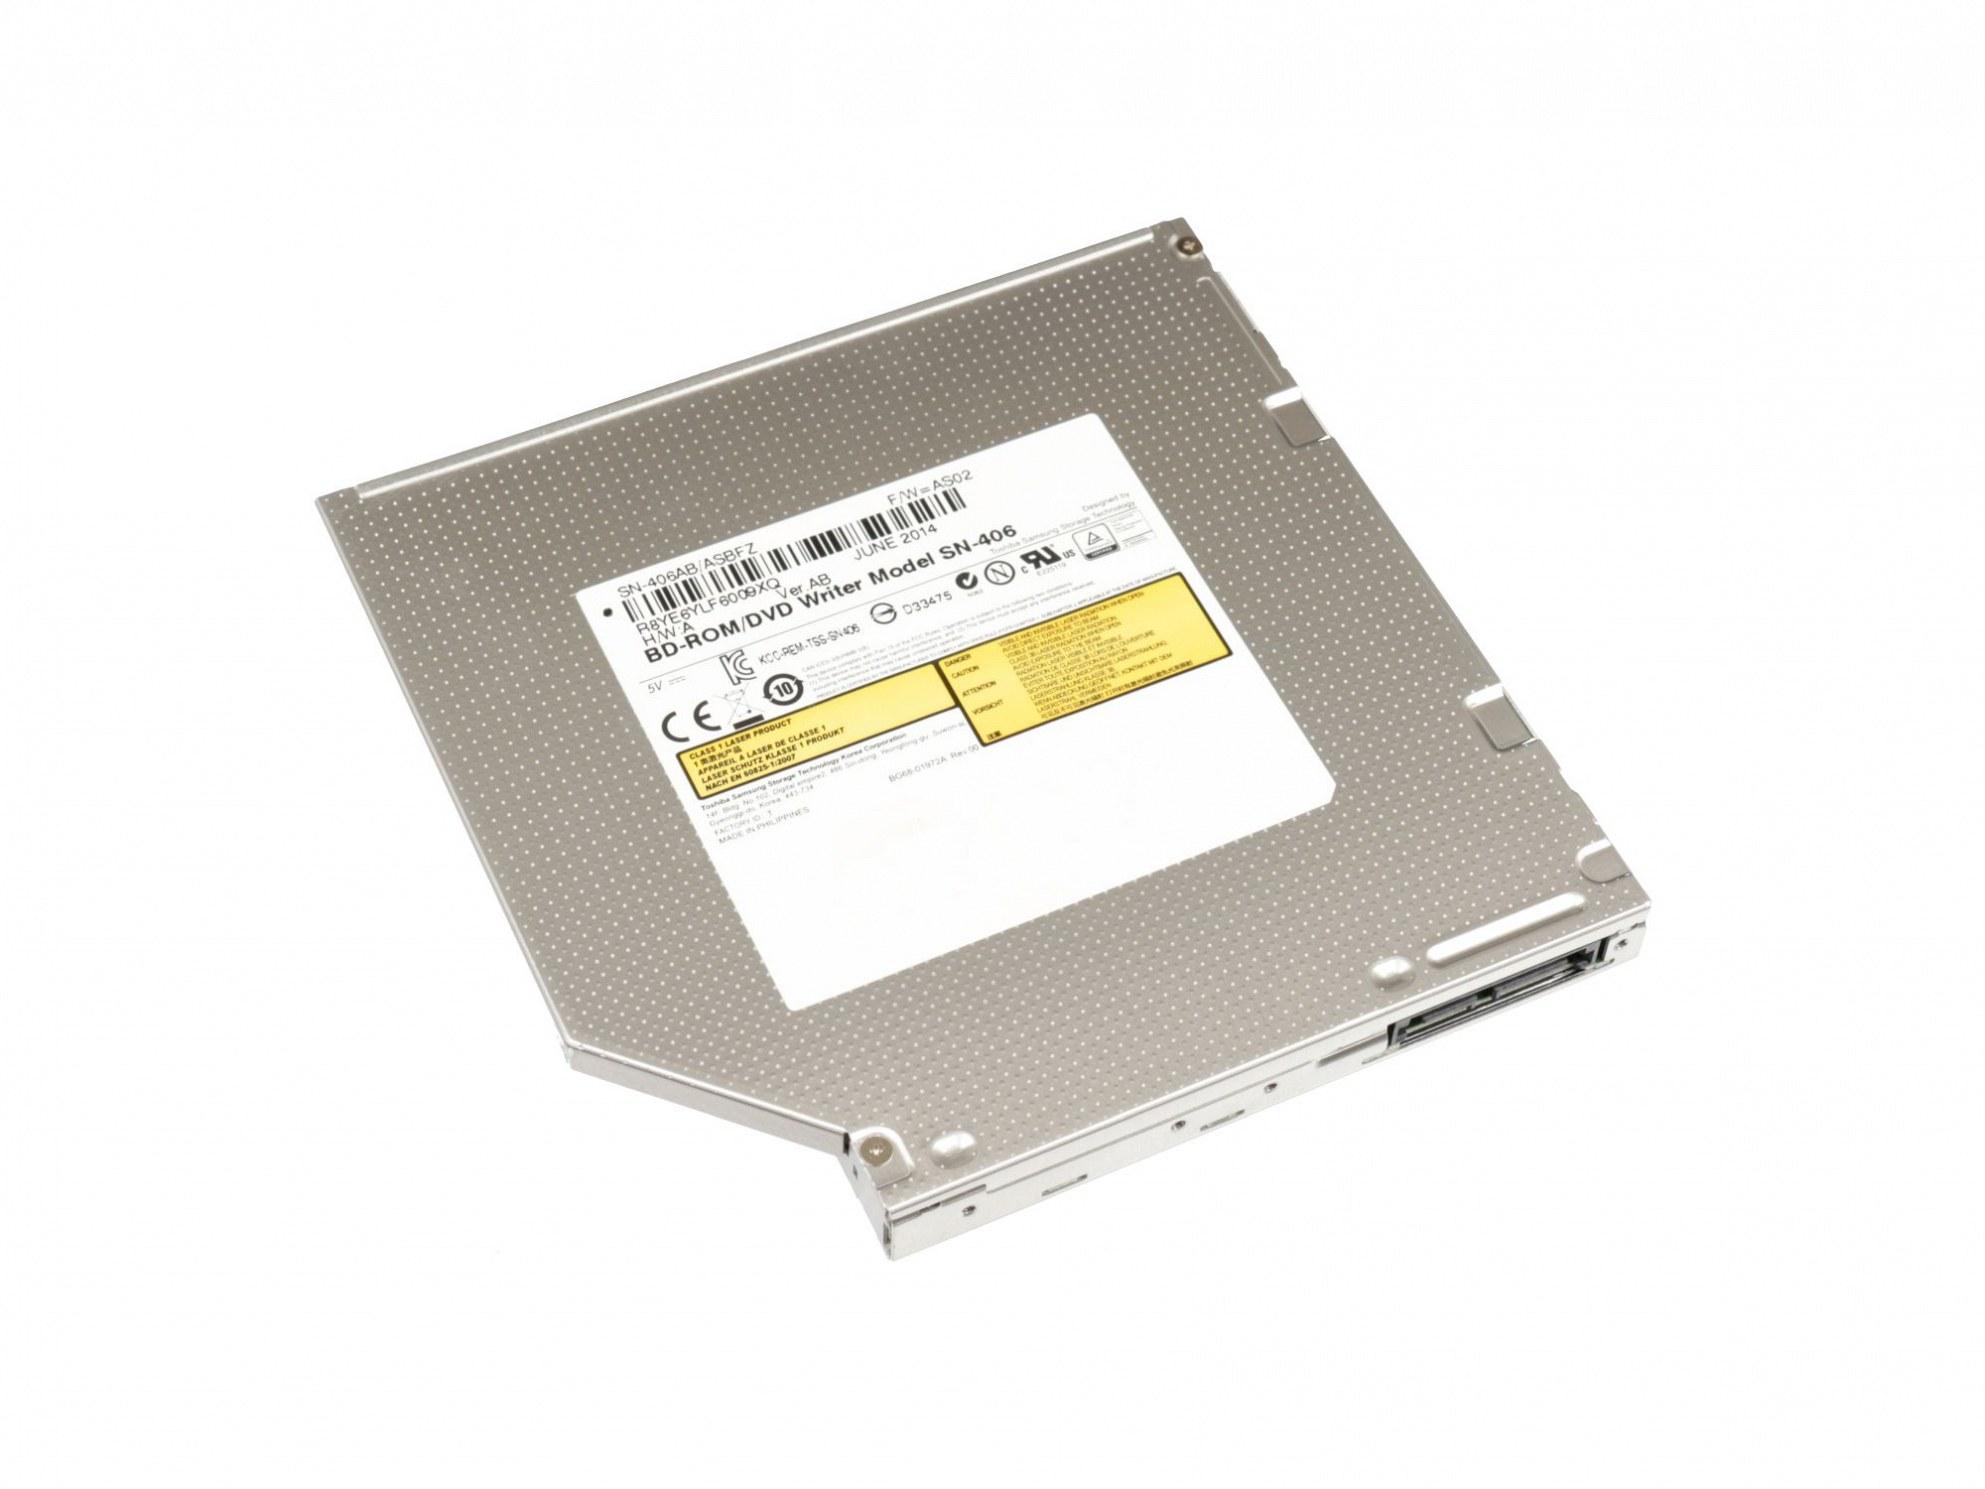 DVD Brenner / Blu-Ray Player für Fujitsu Amilo Li-3910 Reg.No. EF9